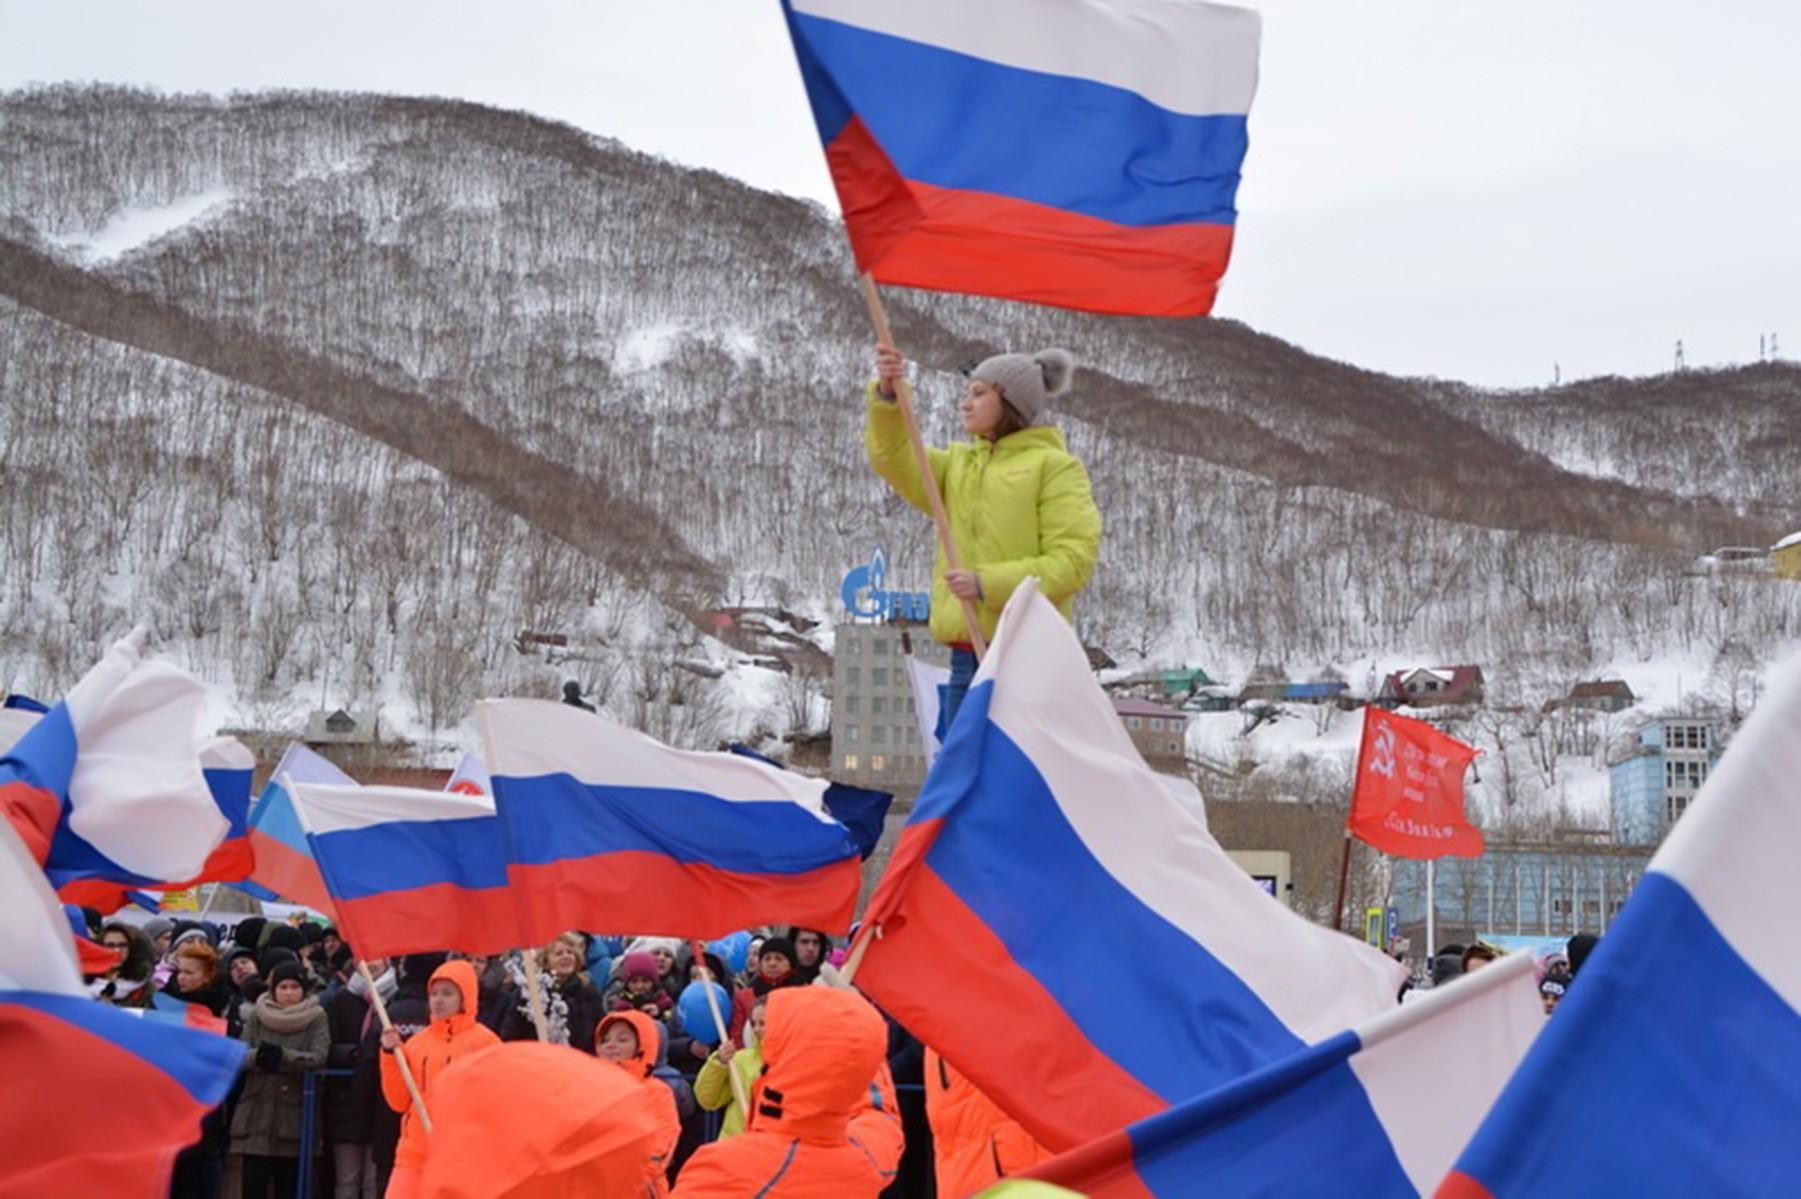 Петропавловск-Камчатский. Фото: kamchatka.er.ru